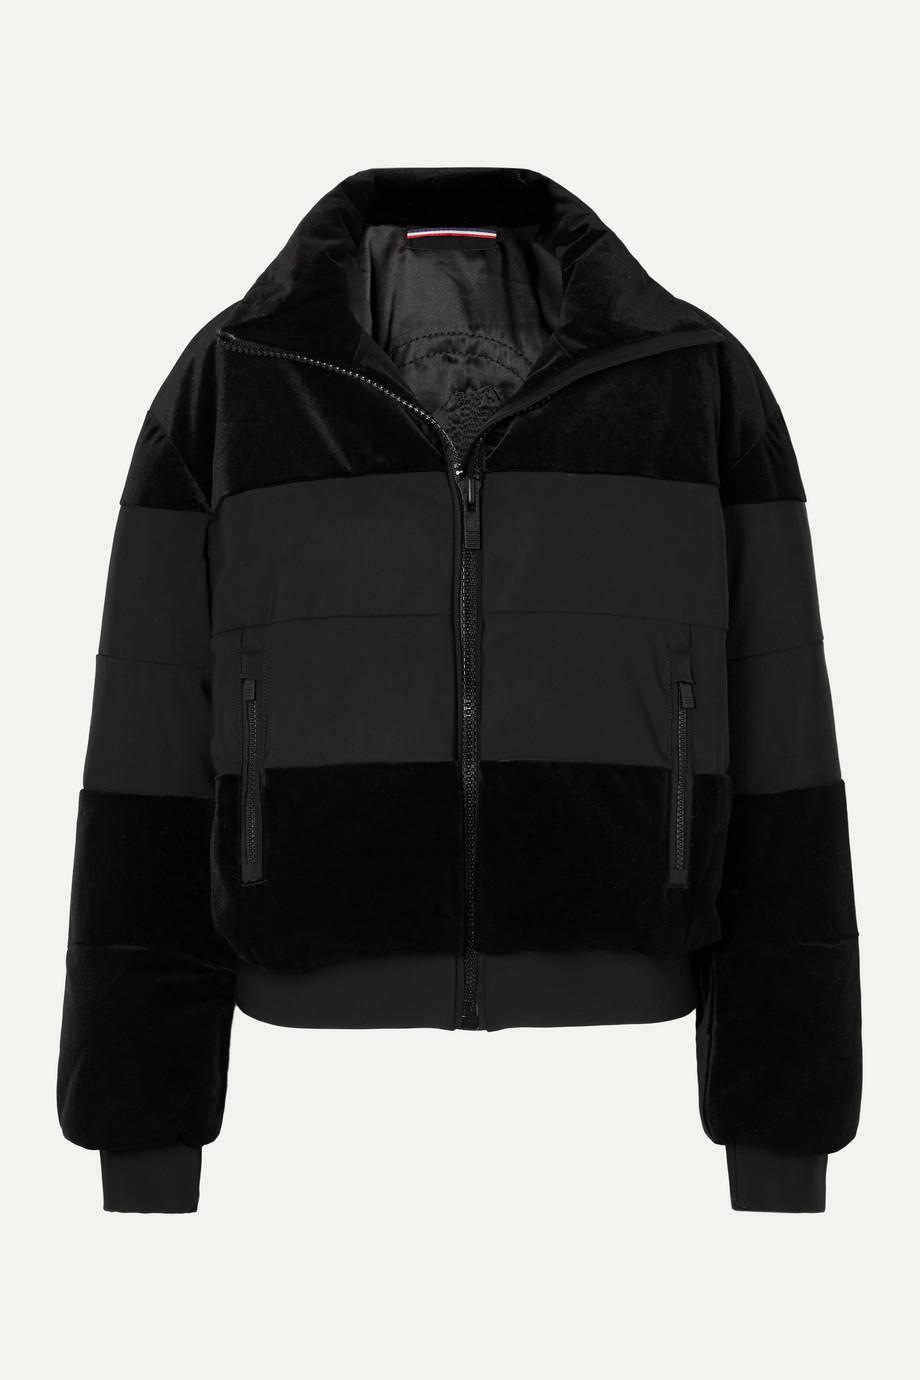 Fusalp Cooler quilted paneled velvet ski jacket